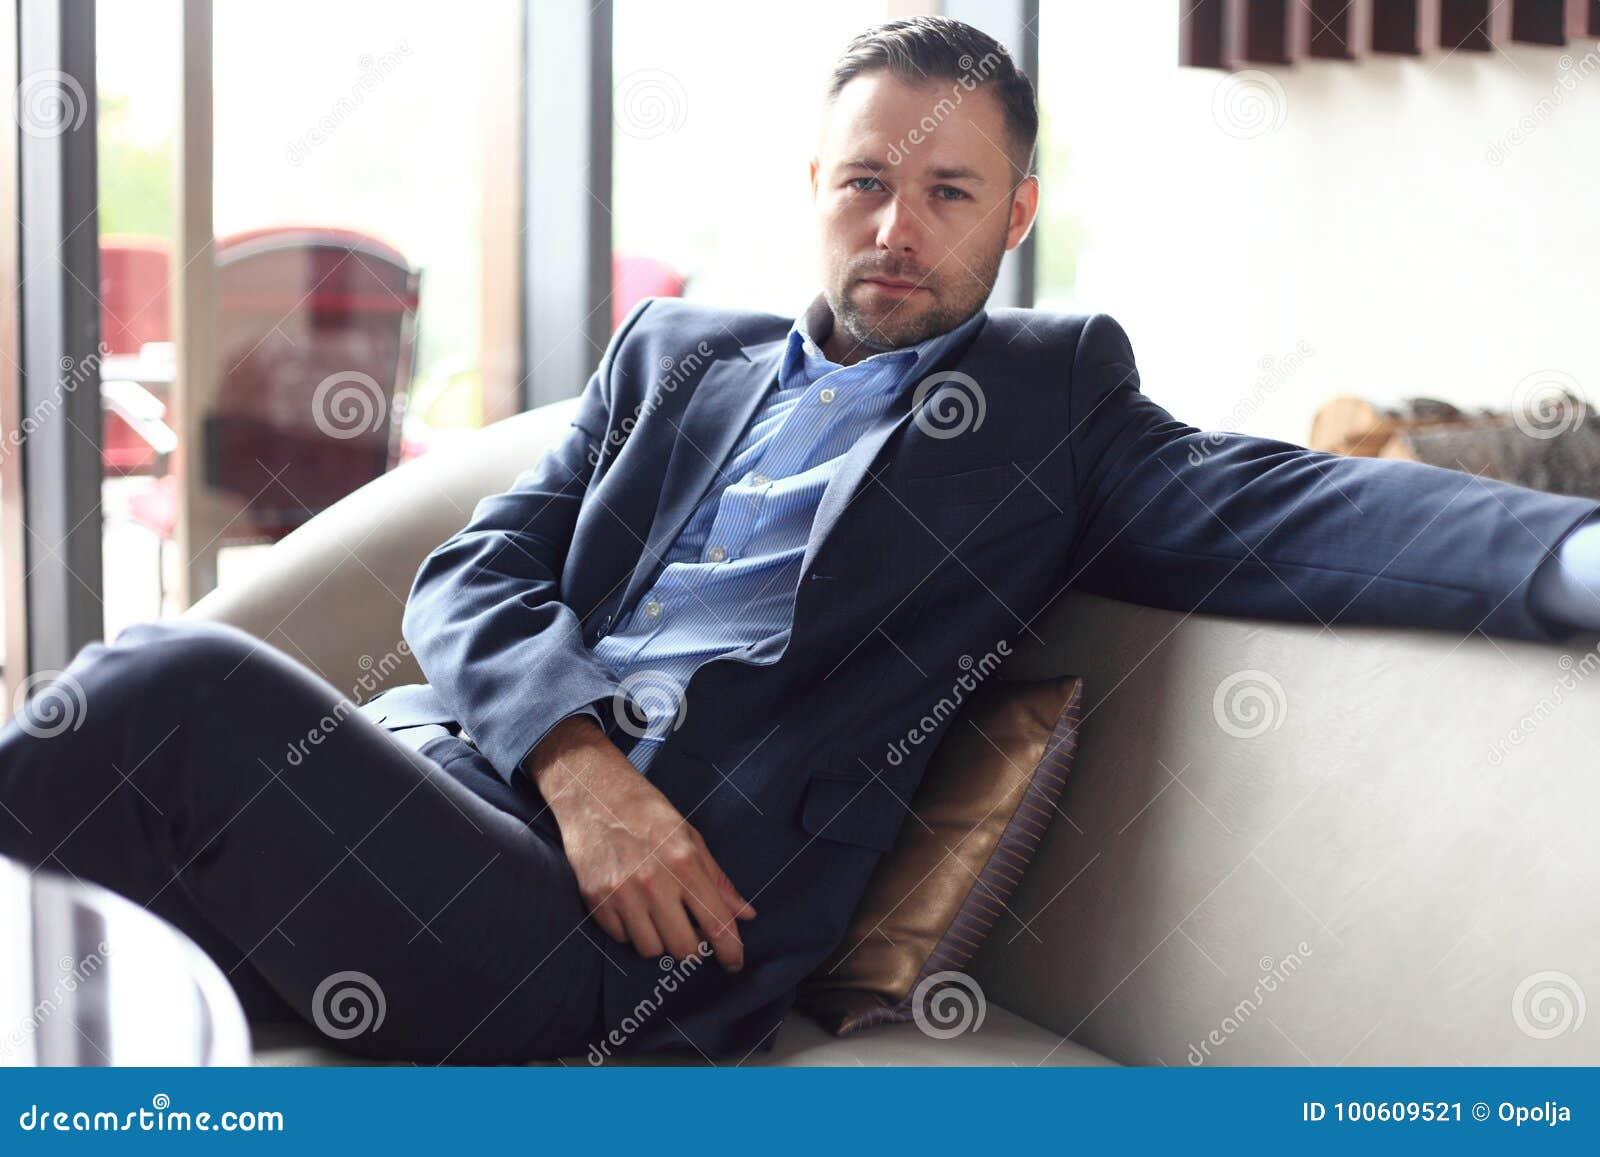 Портрет положительного молодого бизнесмена сидя в современной корпоративной окружающей среде, смотря камеру